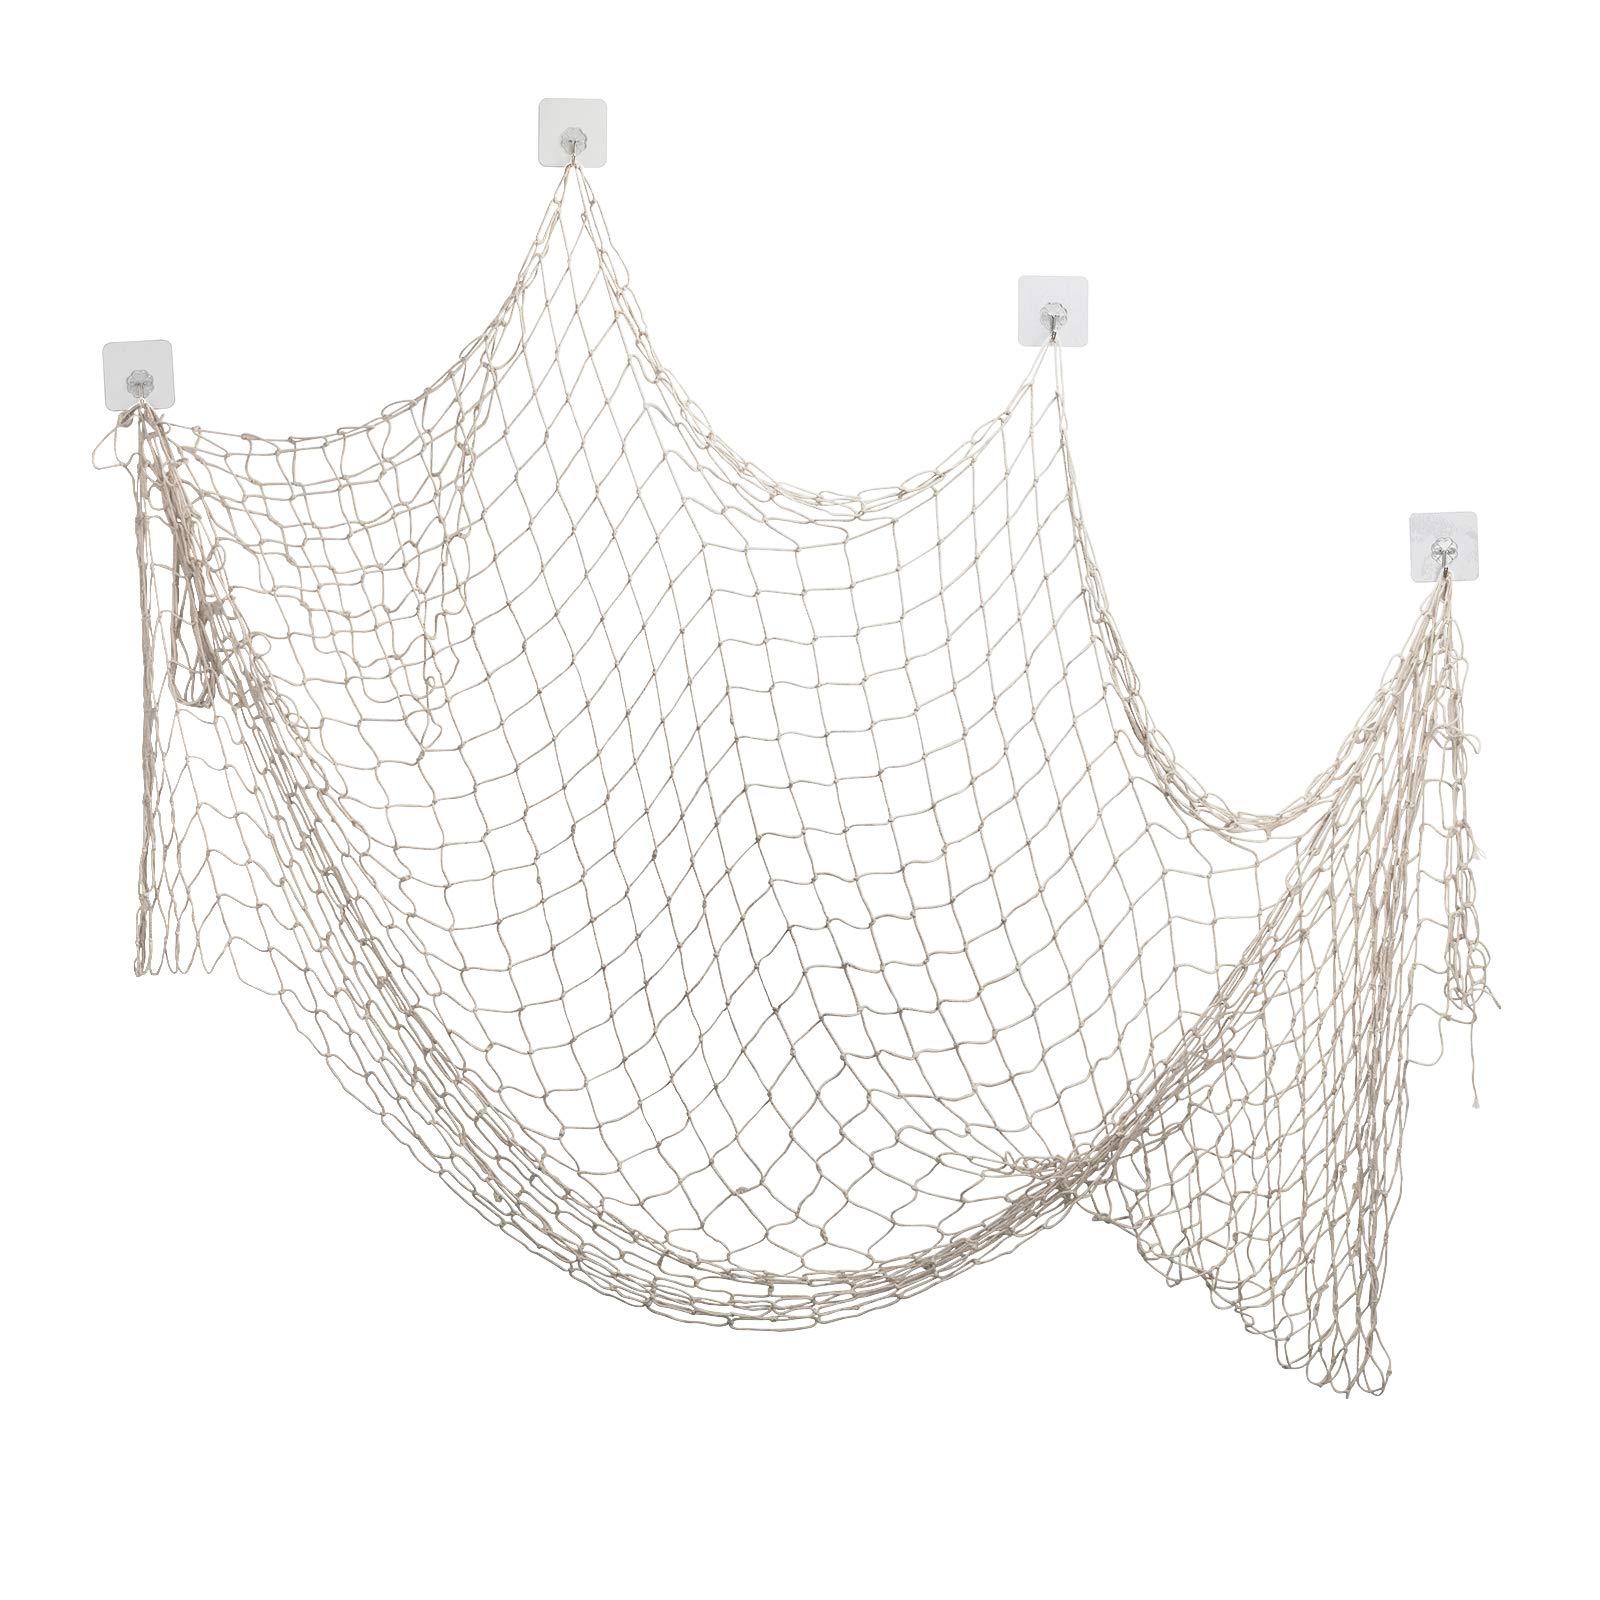 reti da pesca decorative